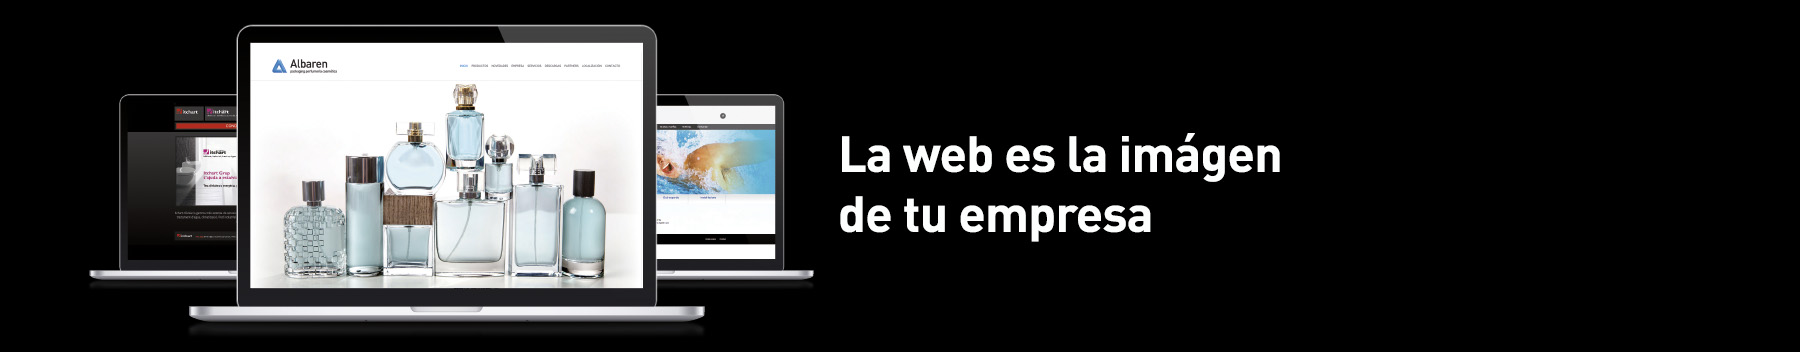 web_creatib_es